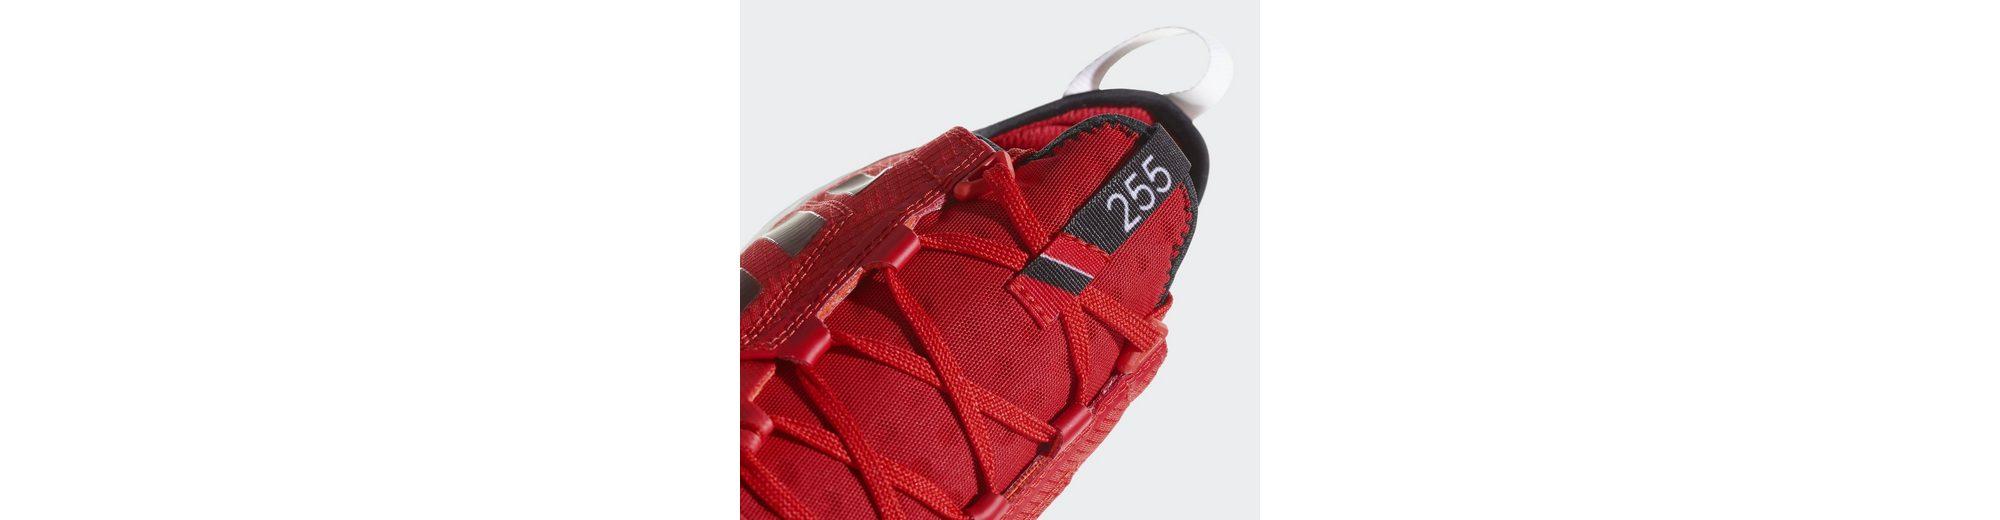 adidas Performance TERREX Agravic Speed Outdoorschuh Mit Kreditkarte Freiem Verschiffen Günstiger Online-Shop Günstig Für Schön Bekommen Günstigen Preis Zu Kaufen Günstig Kaufen 100% Authentisch W1q6gx